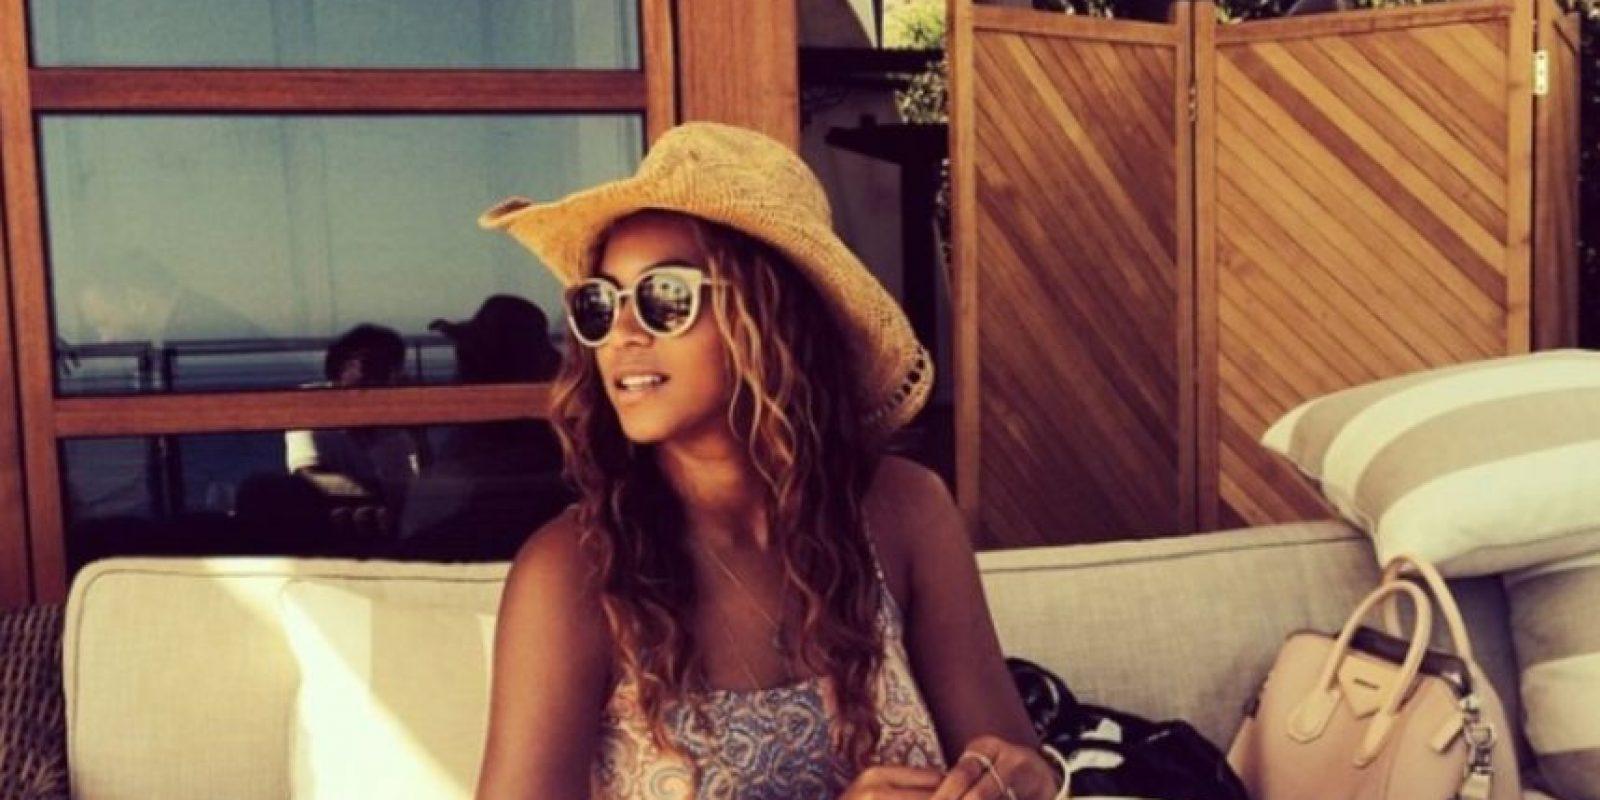 Algo anda mal entre la pierna de Beyoncé y el sillón Foto:Instagram